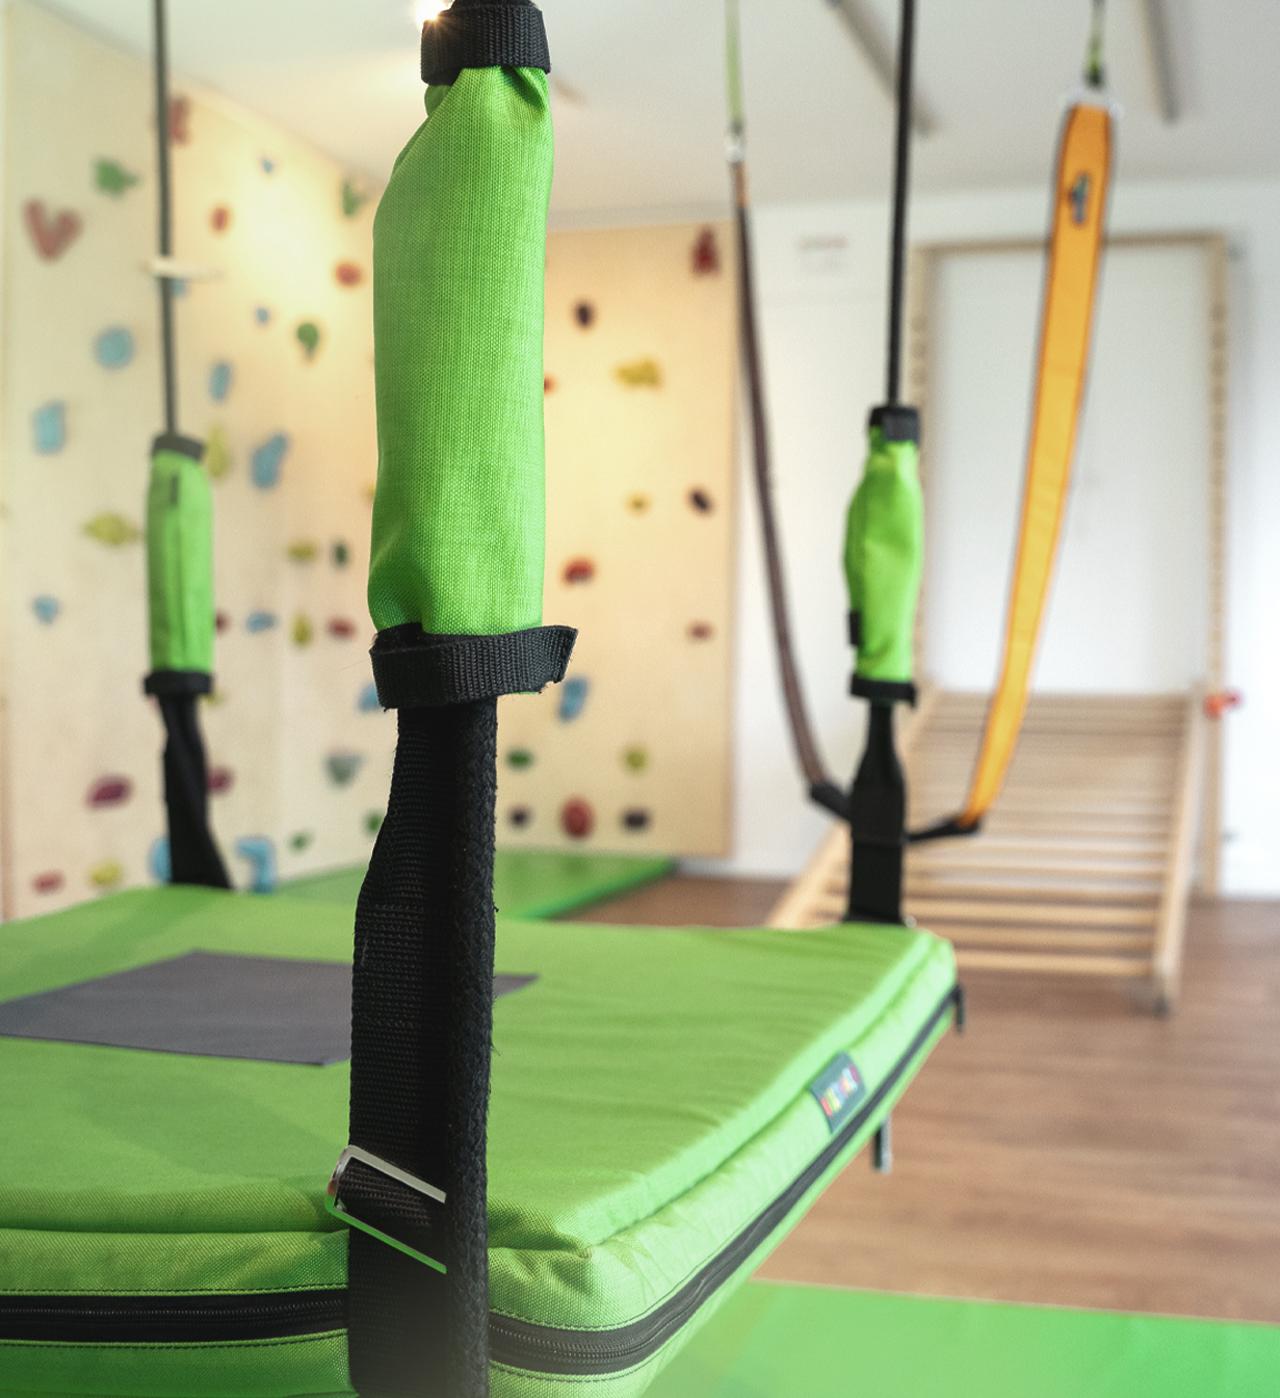 Physiotherapie Hannover Behandlungsraum Kletterwand Sprossenleiter